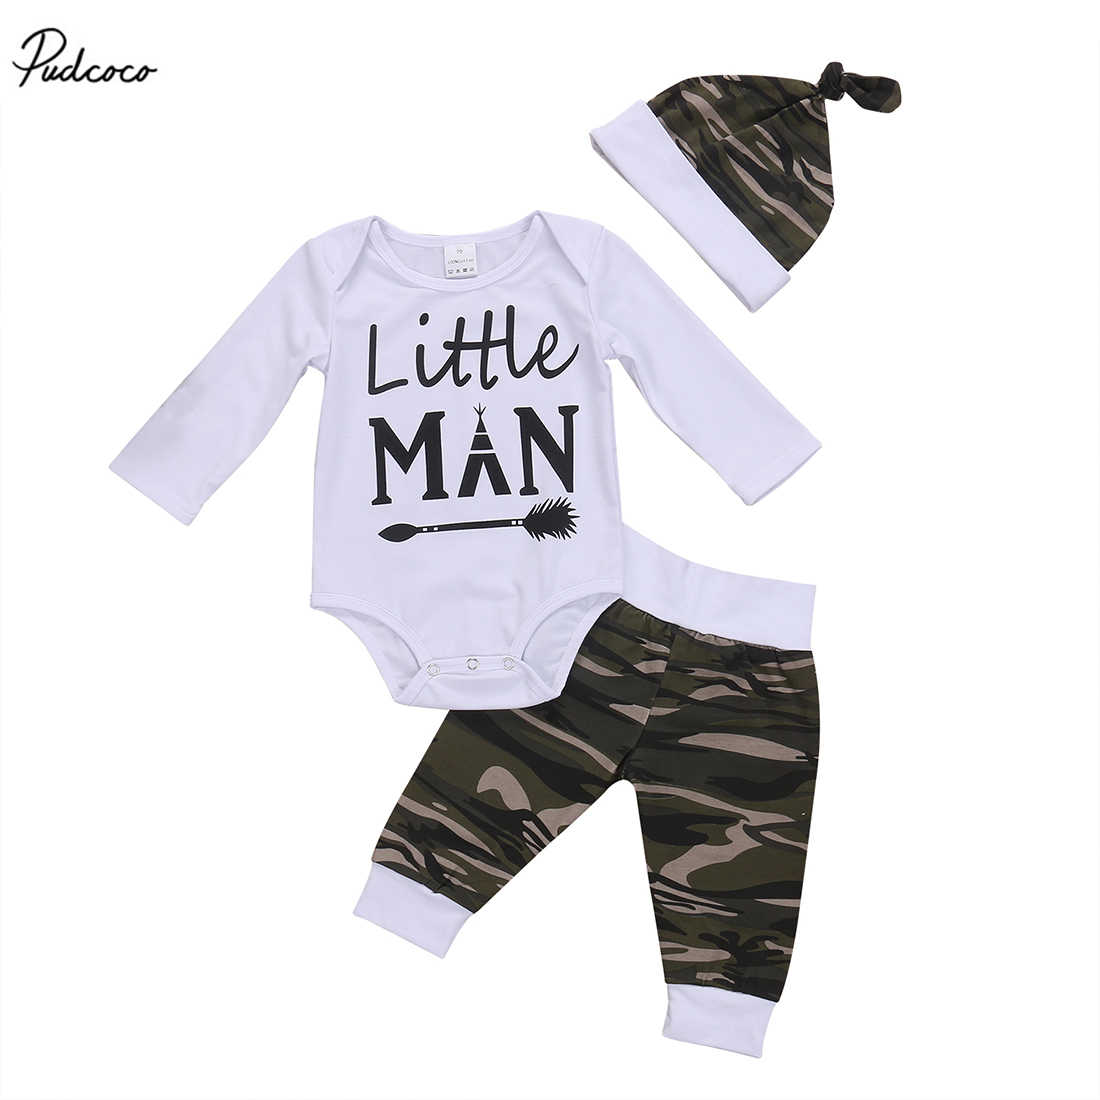 Новинка 2017 года, хлопковые топы с длинными рукавами для маленьких мальчиков, камуфляжные штаны, шапка, комплект одежды из 3 предметов